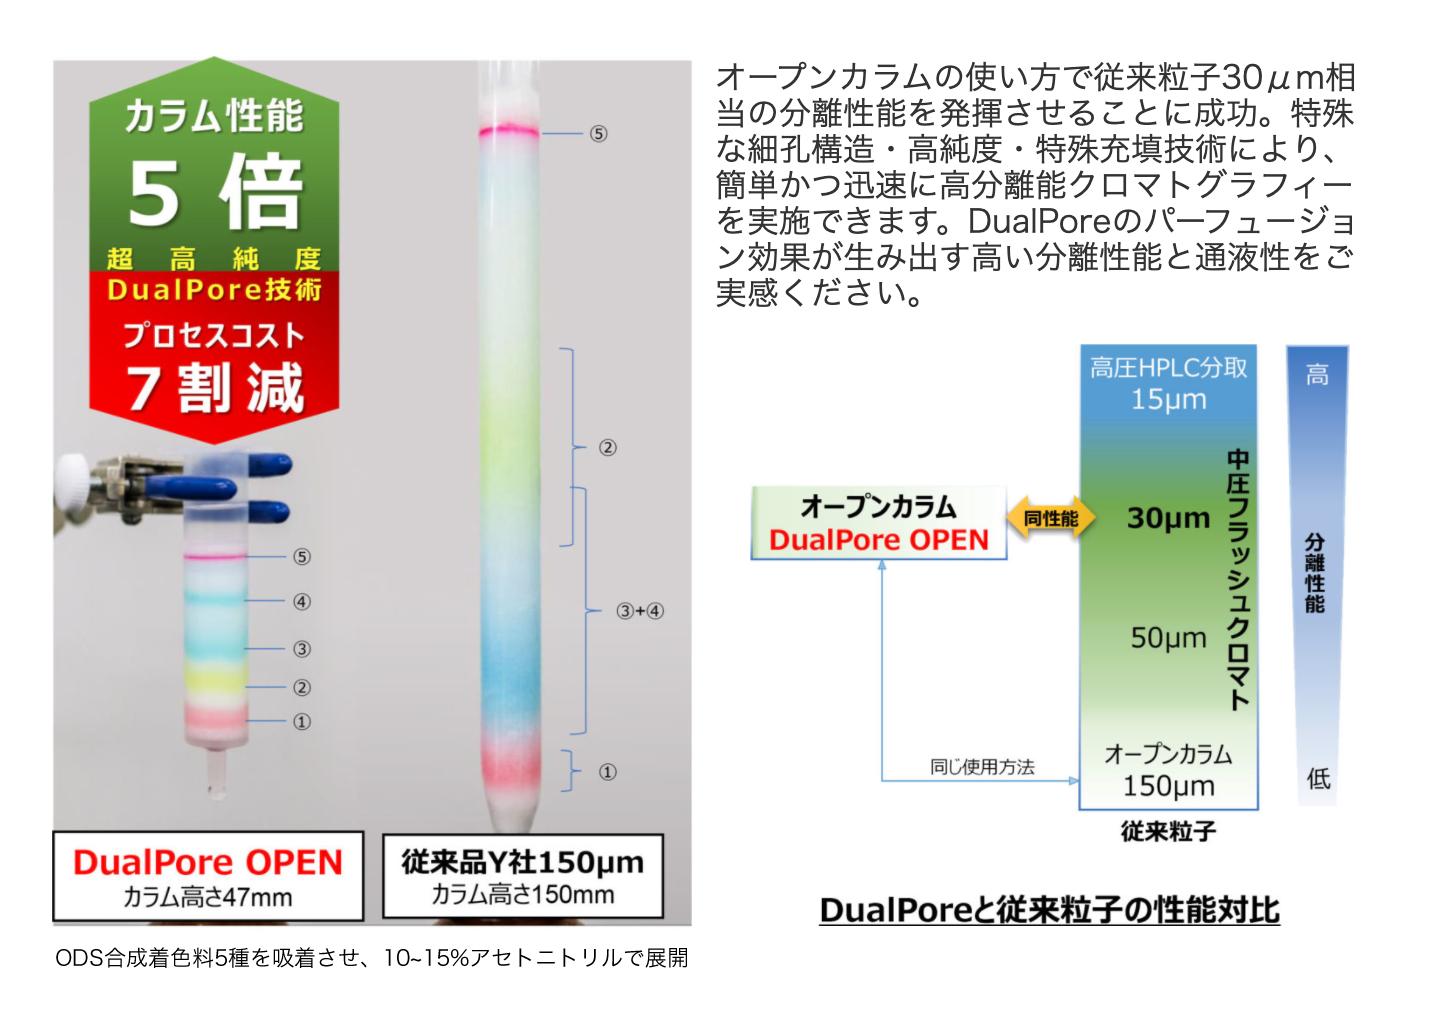 DualPore™ 中低圧Flashクロマトグラフィー用カラム